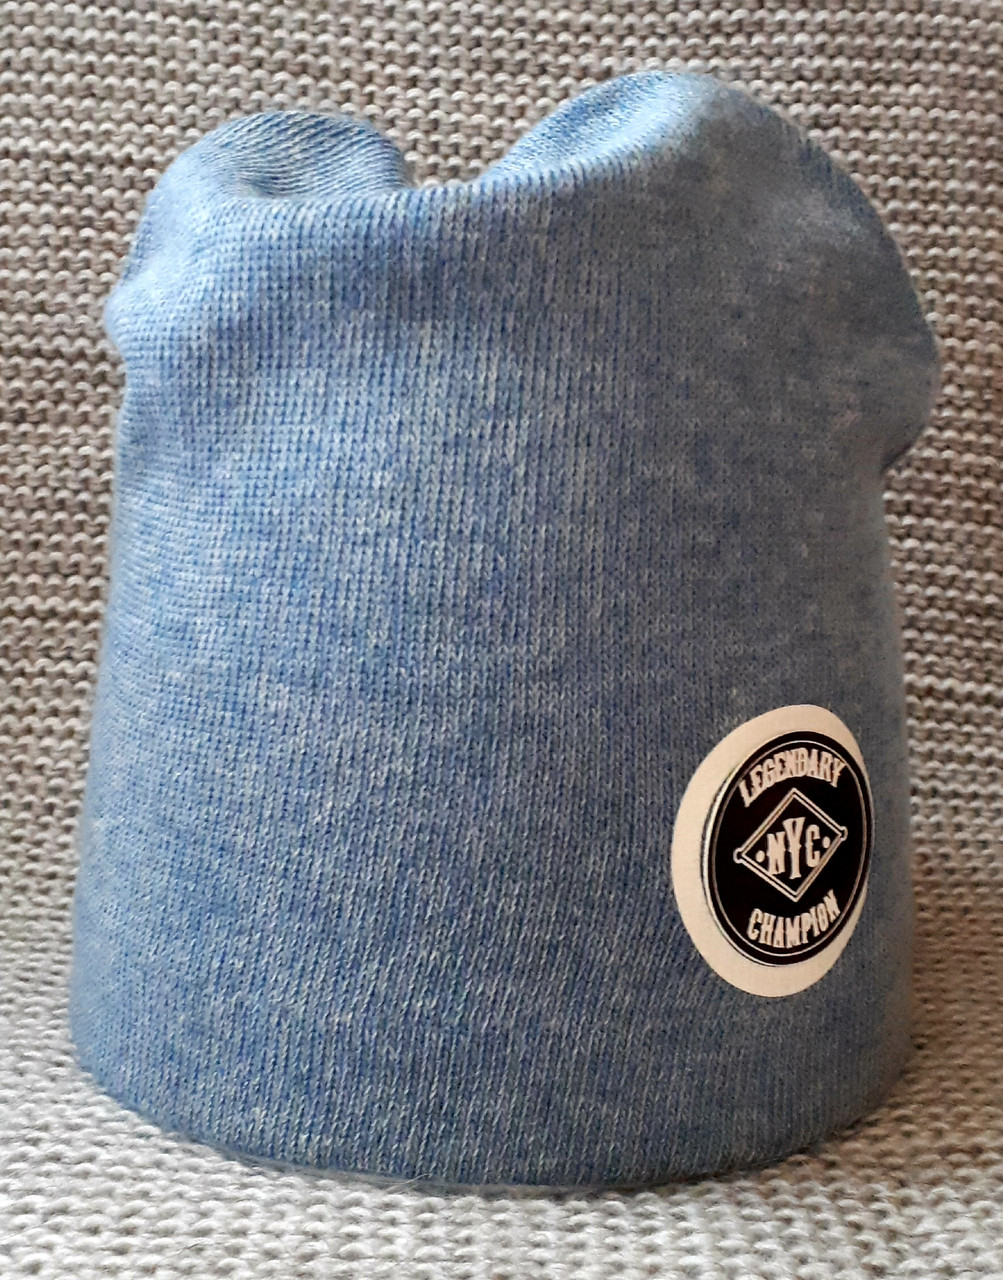 Шапка  на мальчика весна-осень голубого цвета ANPA (Польша) размер 48 50